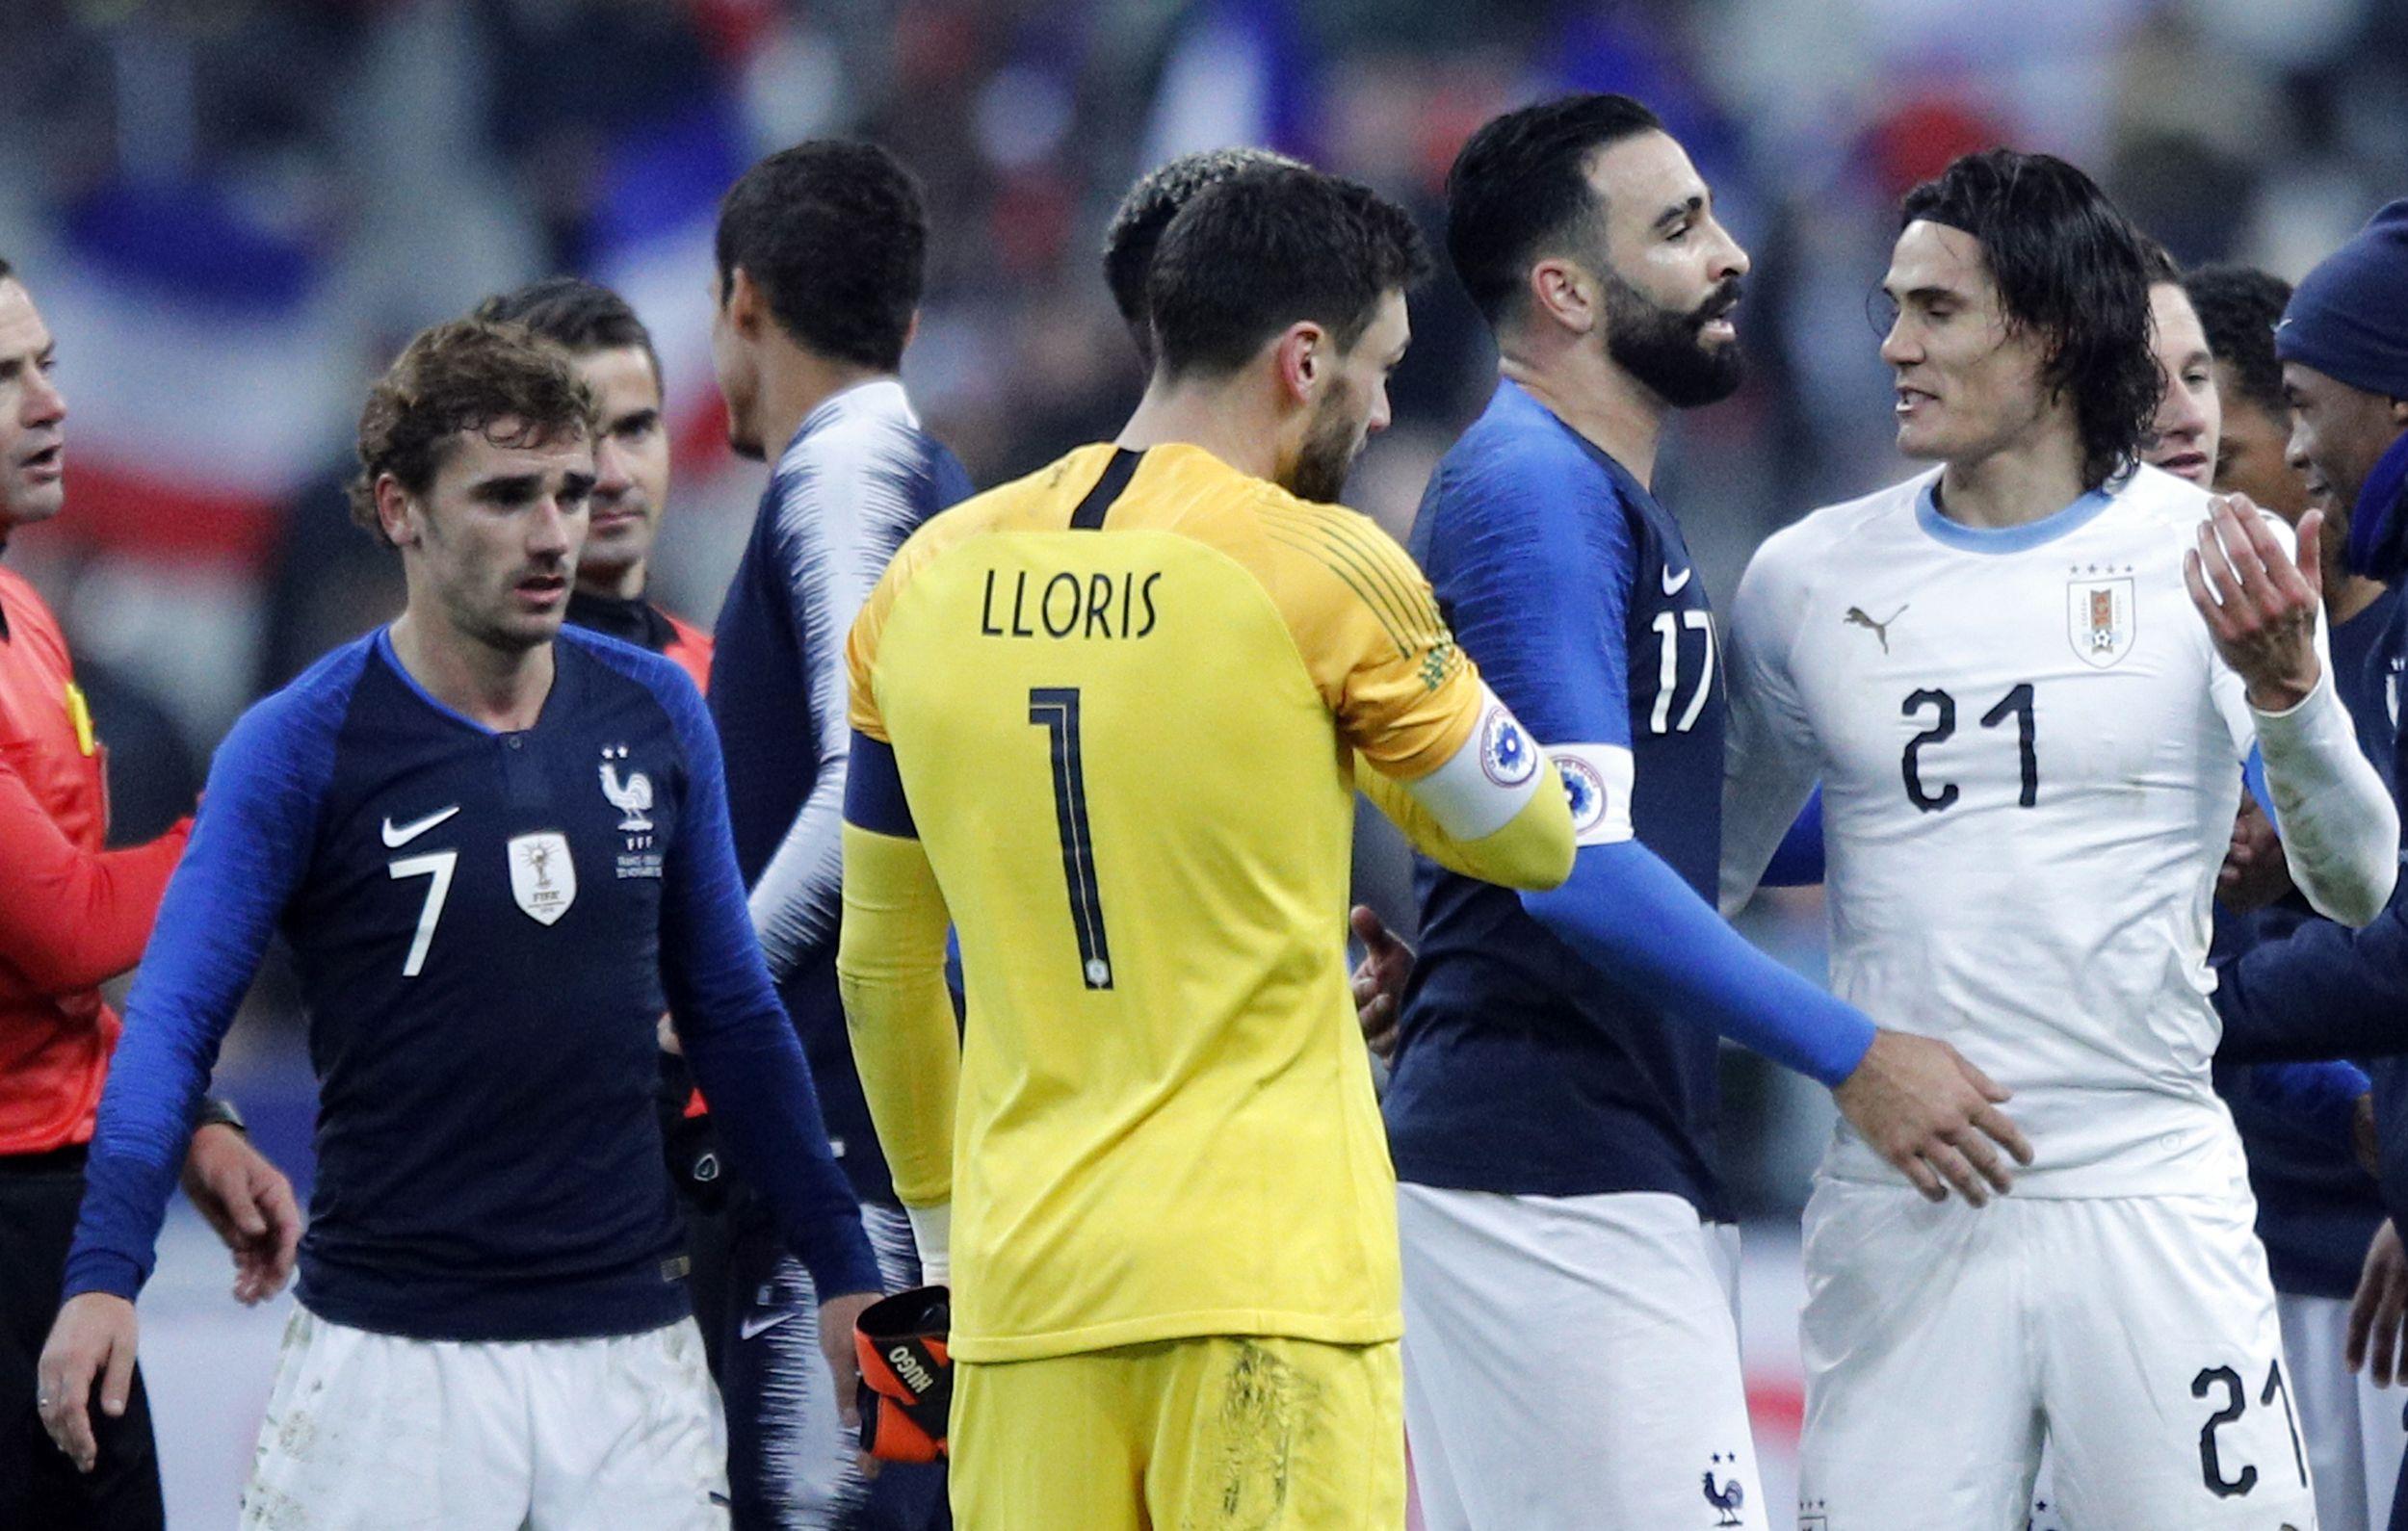 Football - Equipe de France - Lloris et la victoire contre l'Uruguay : «Le meilleur moyen de finir cette année fantastique»